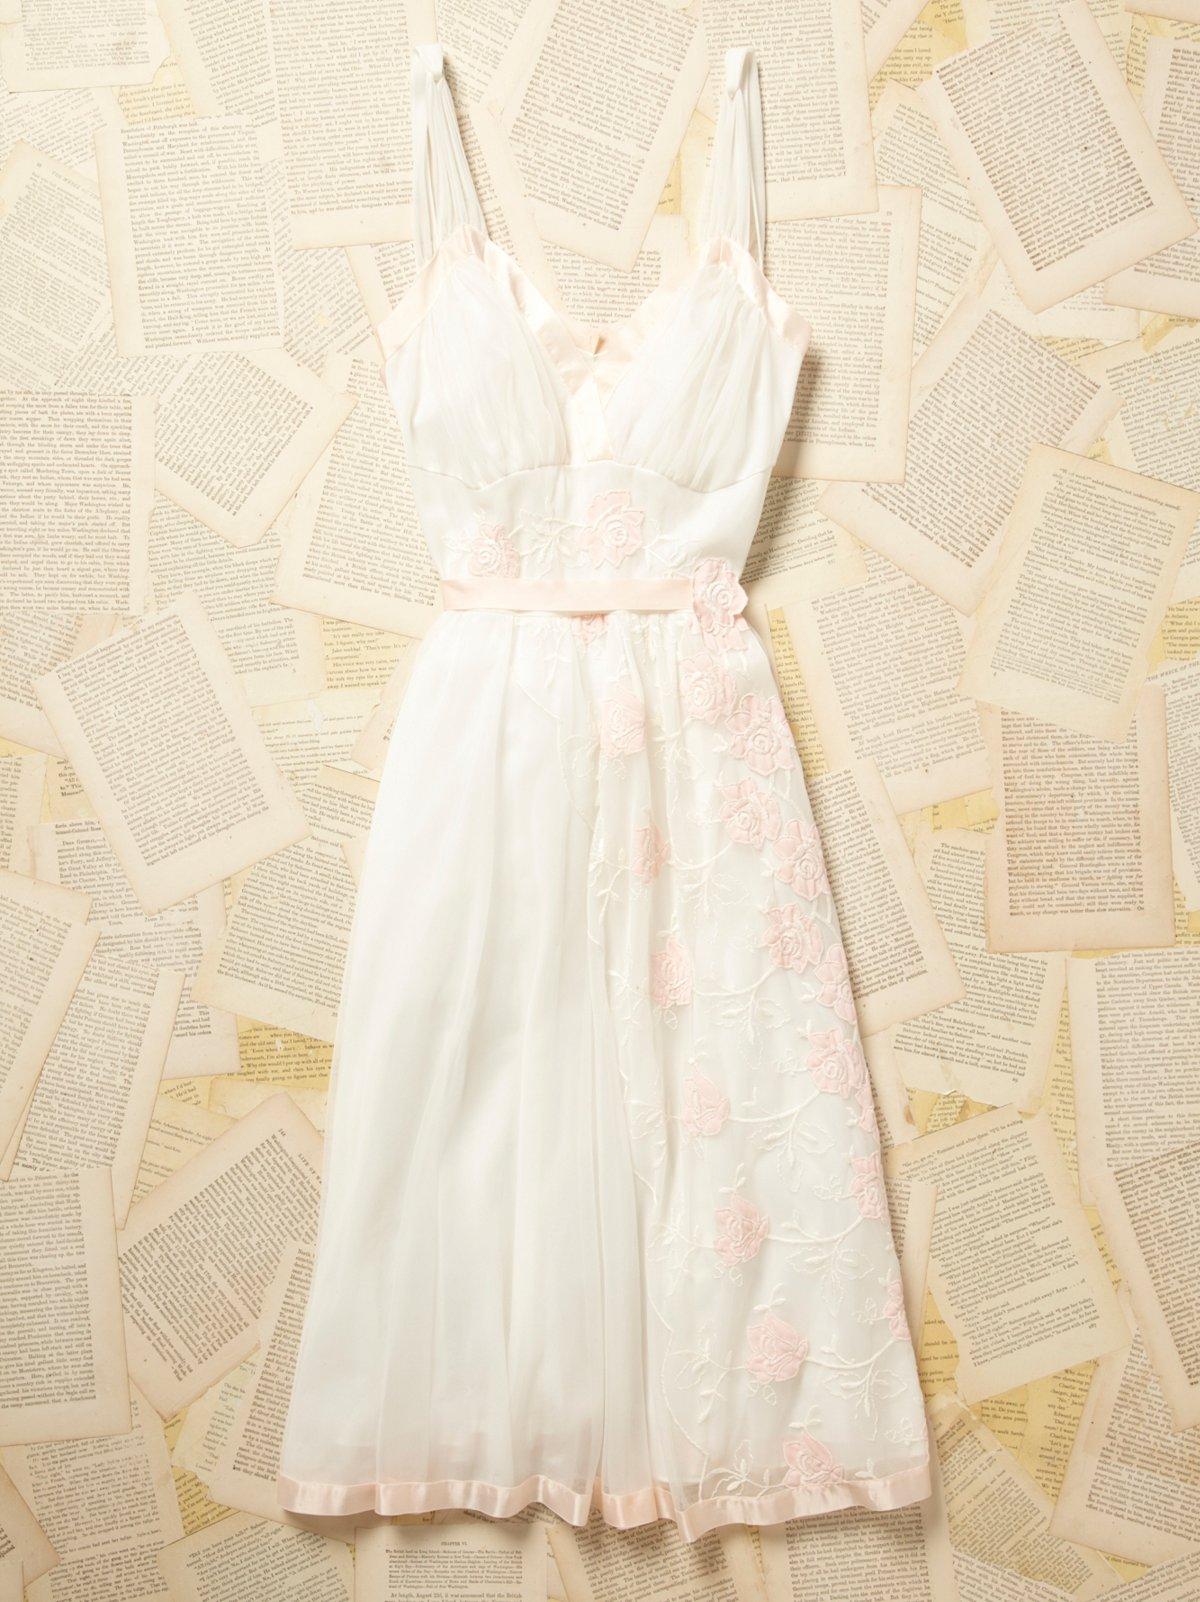 Vintage 1950s Embroidered Sheer Dress